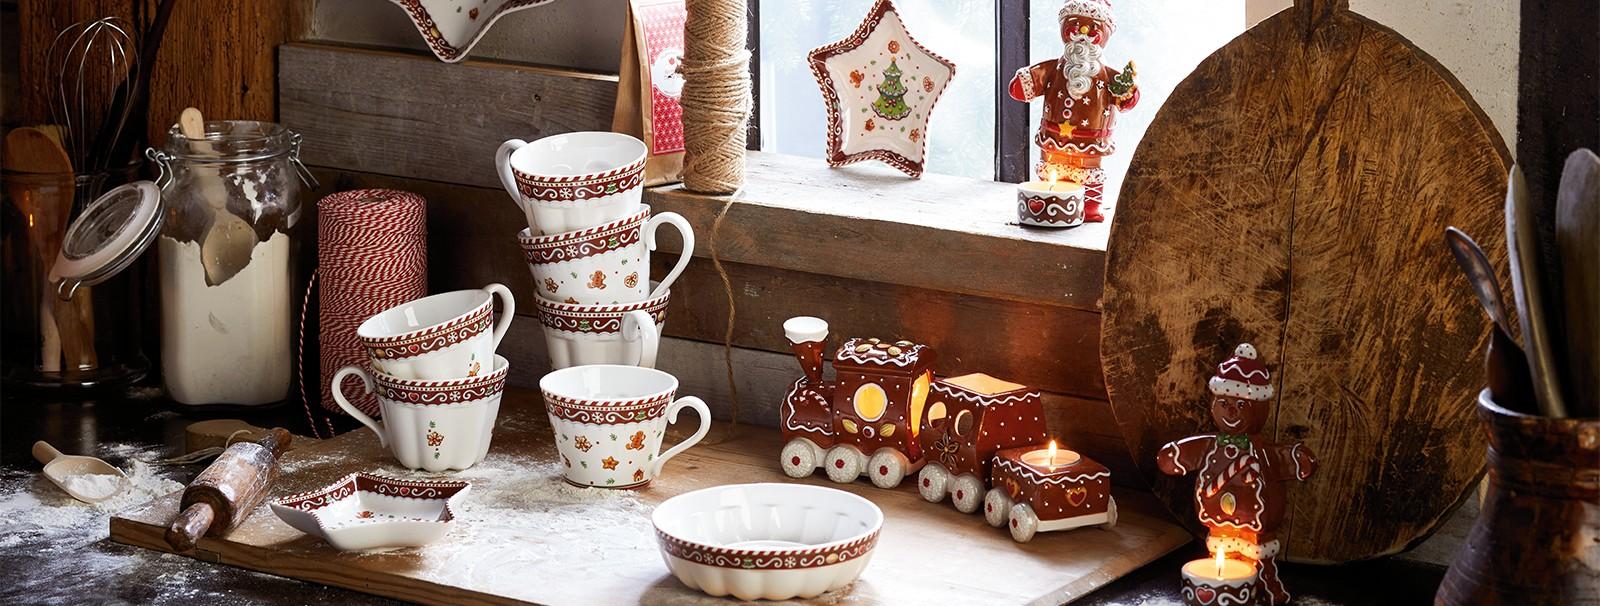 Świąteczne dekoracje Villeroy&Boch